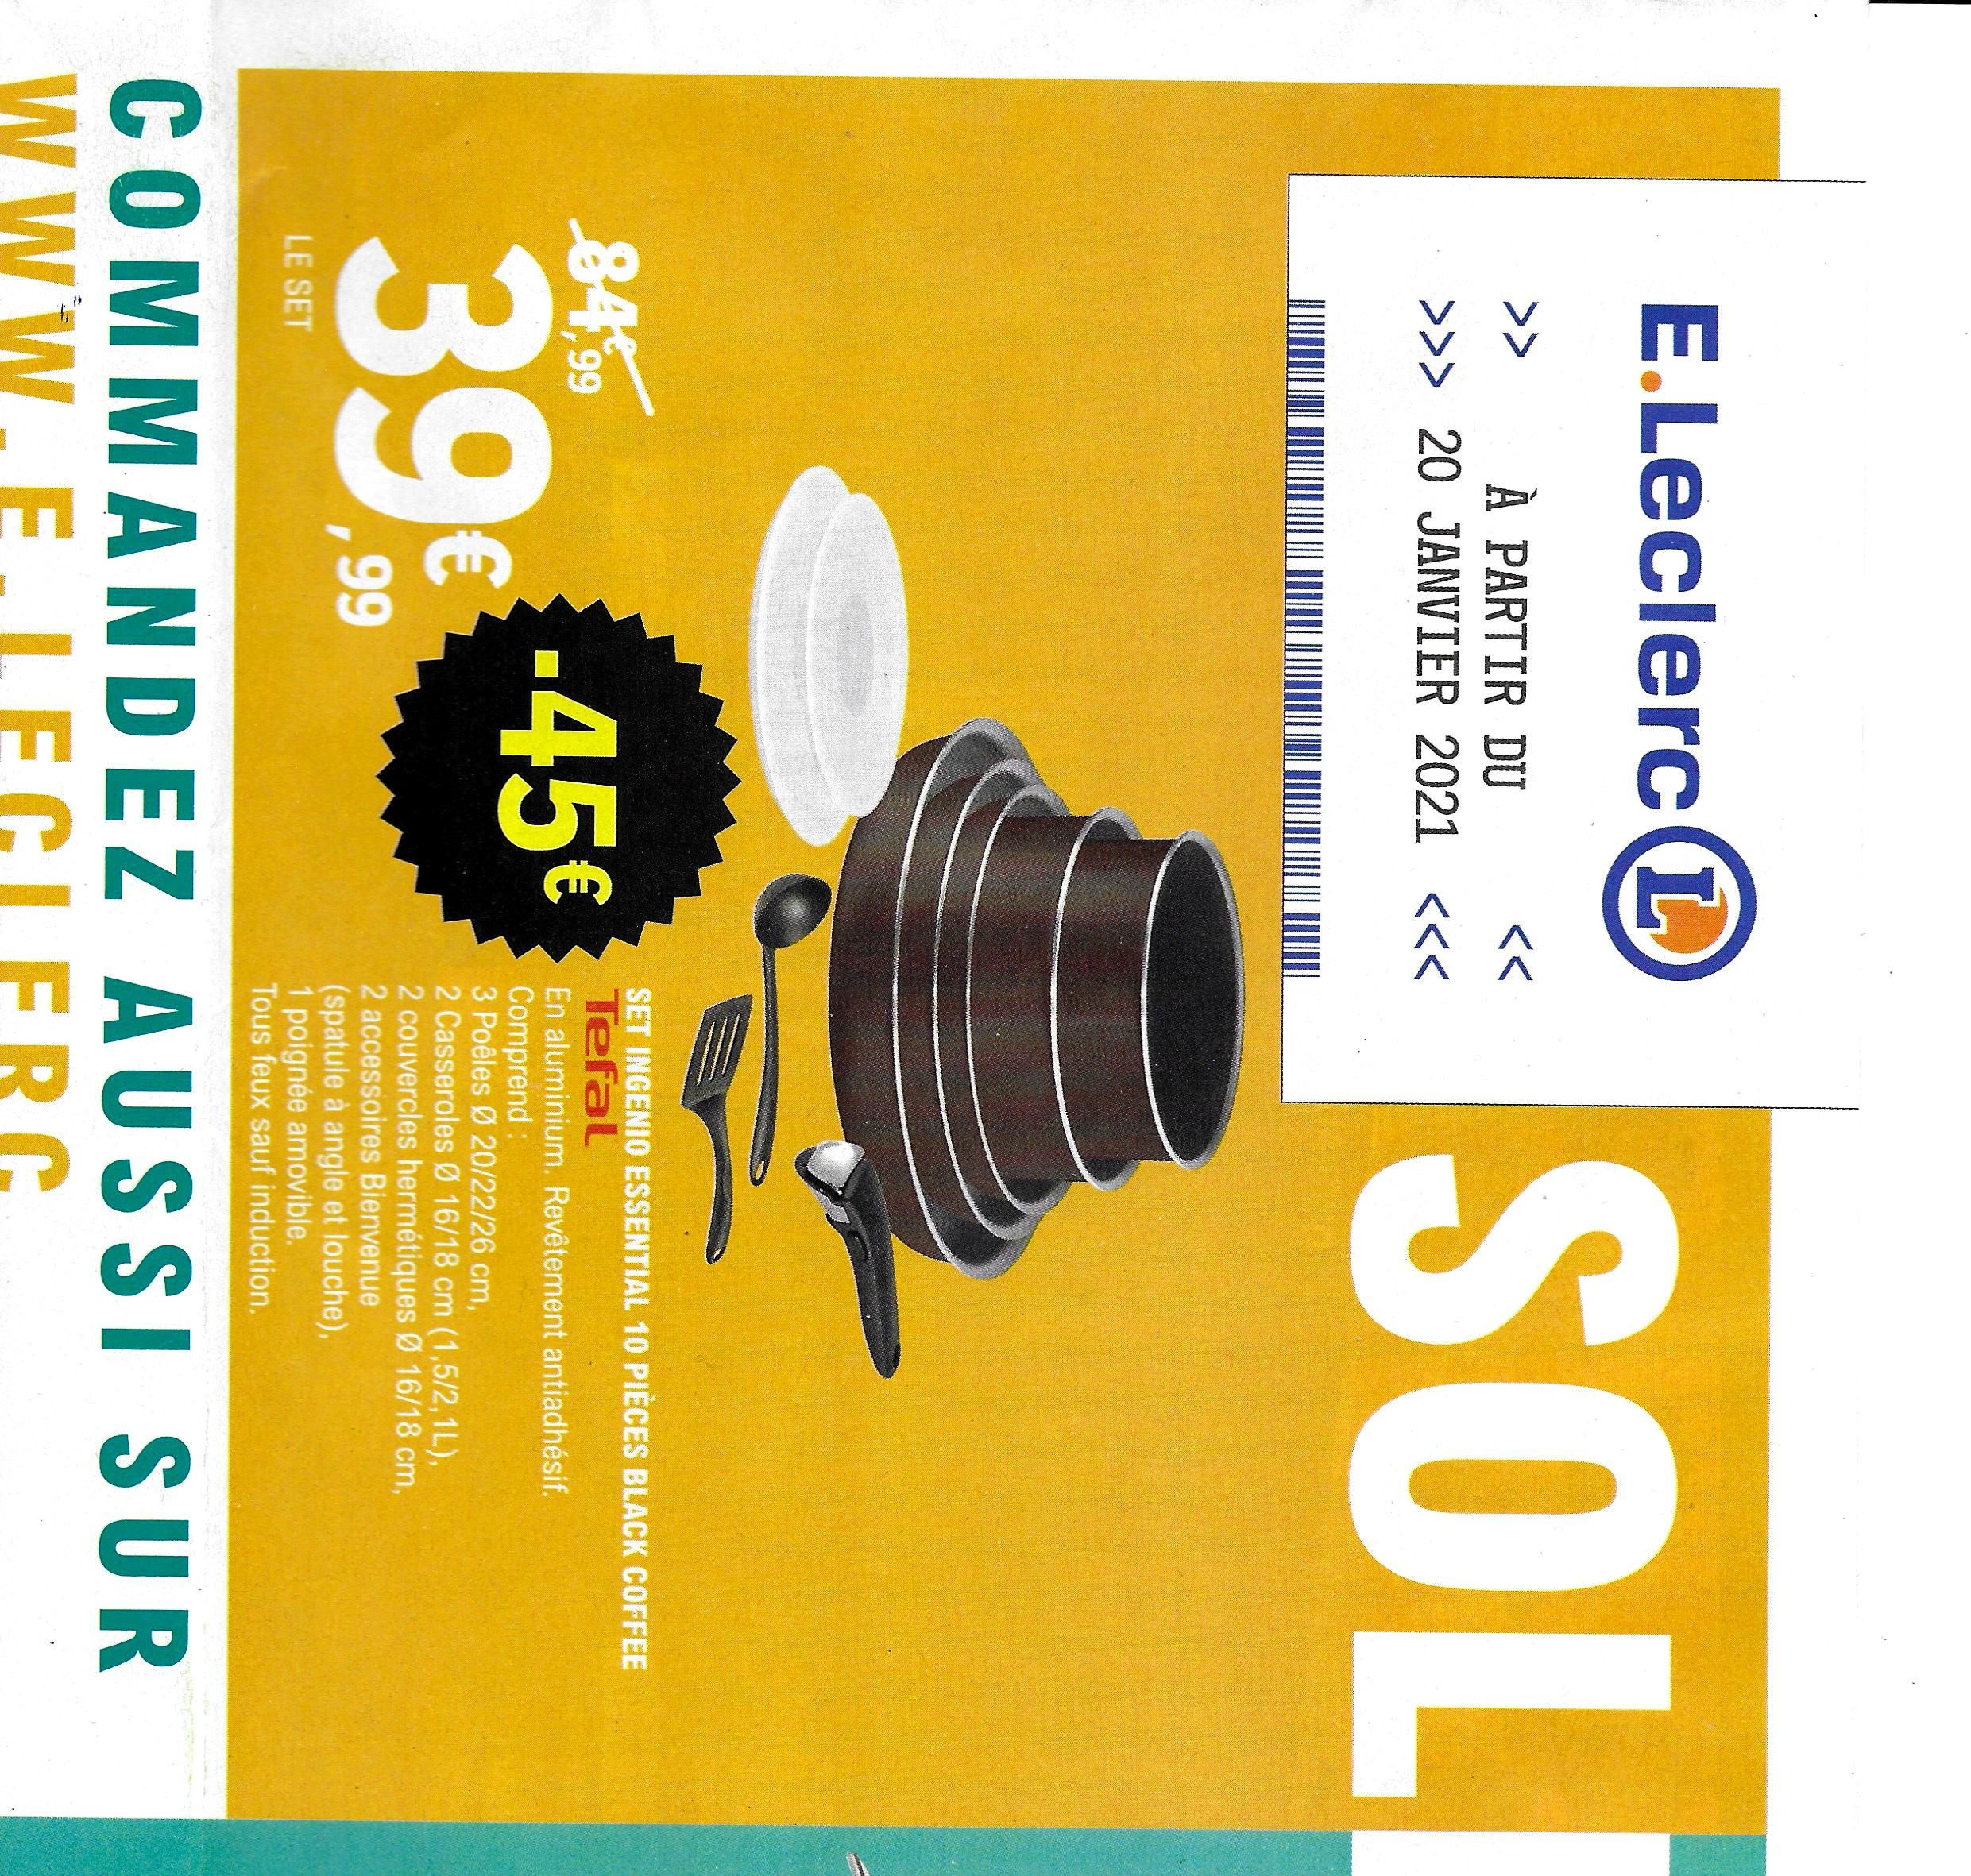 Batterie de cuisine Tefal Ingenio Essential Black Coffee - 10 pièces, tous feux sauf induction